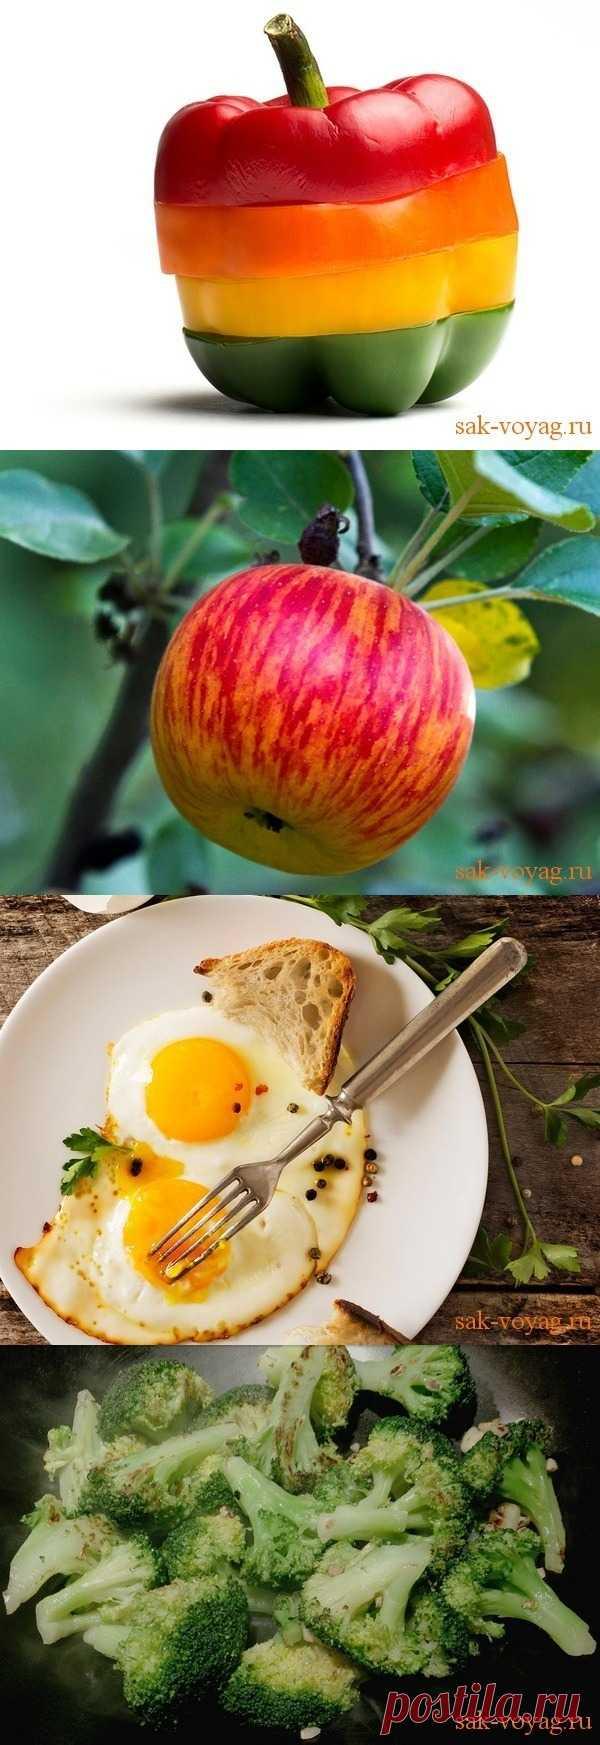 10 лучших продуктов для похудения (для получения информации нажмите 2 раза на картинку)